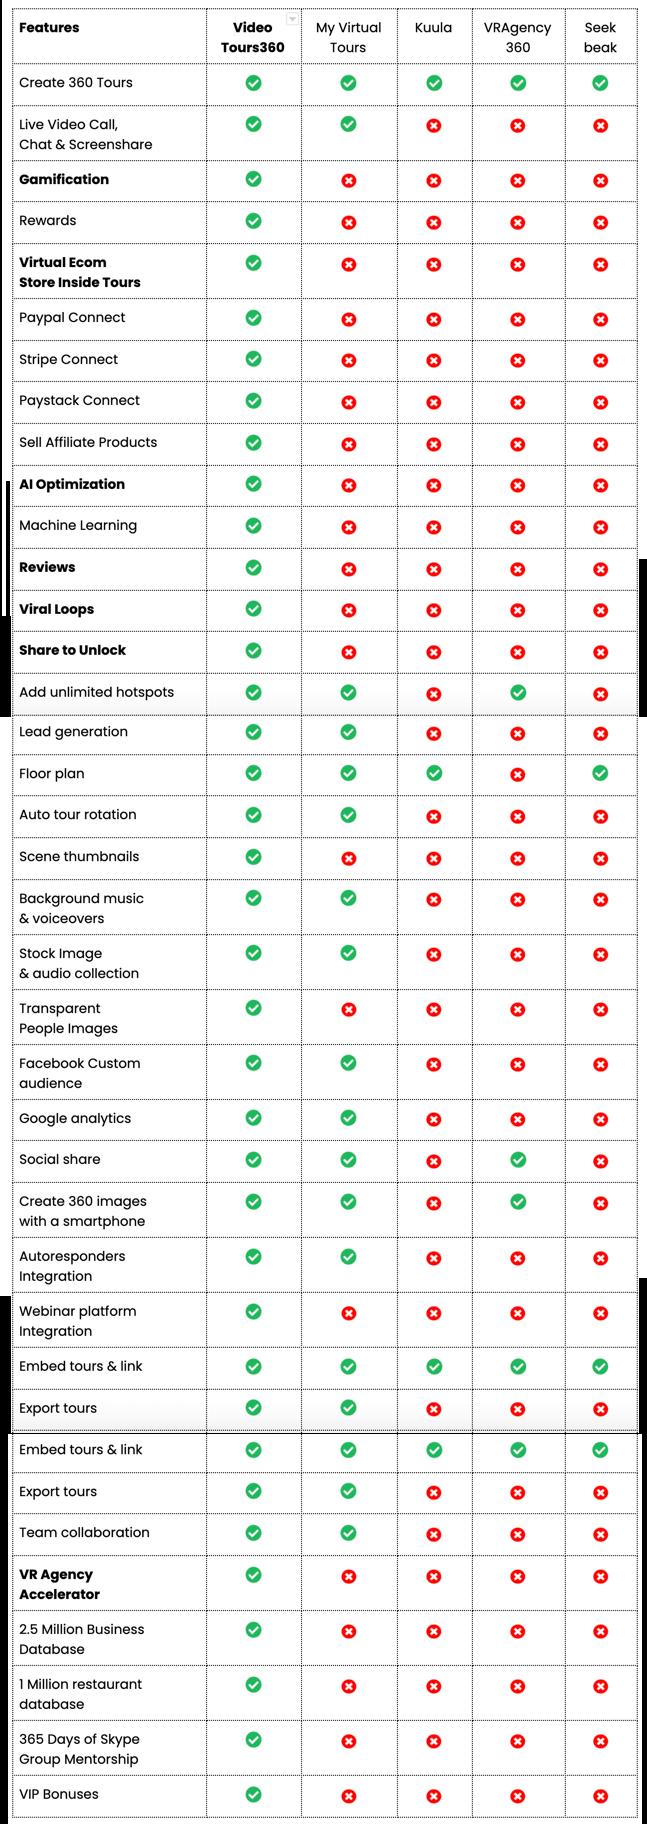 VideoTours360-Review-Comparison